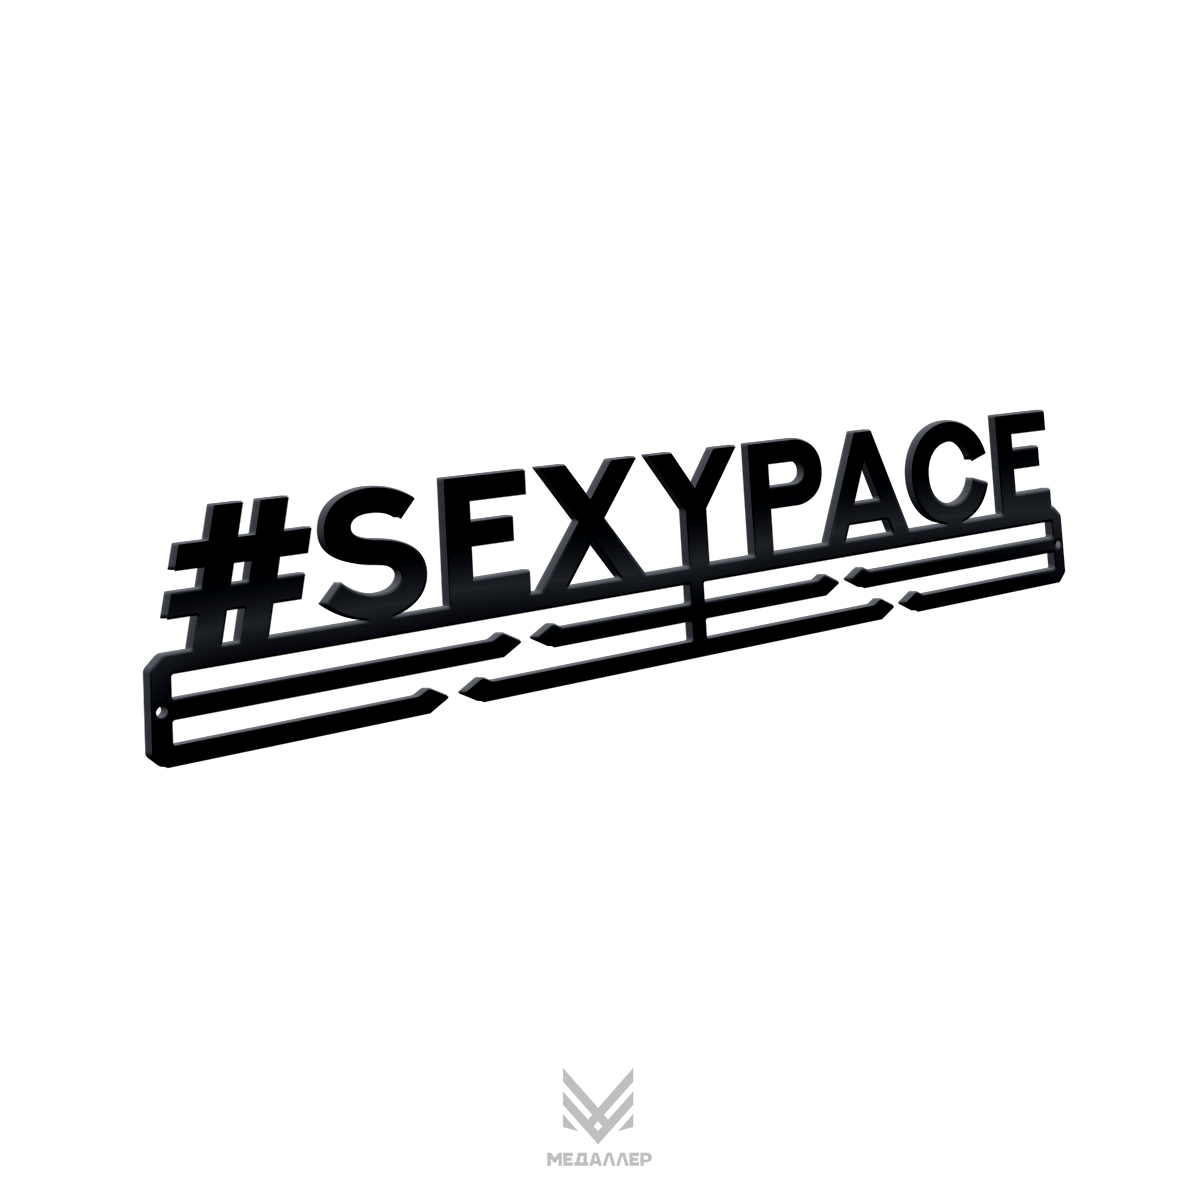 Sexypace (черный)